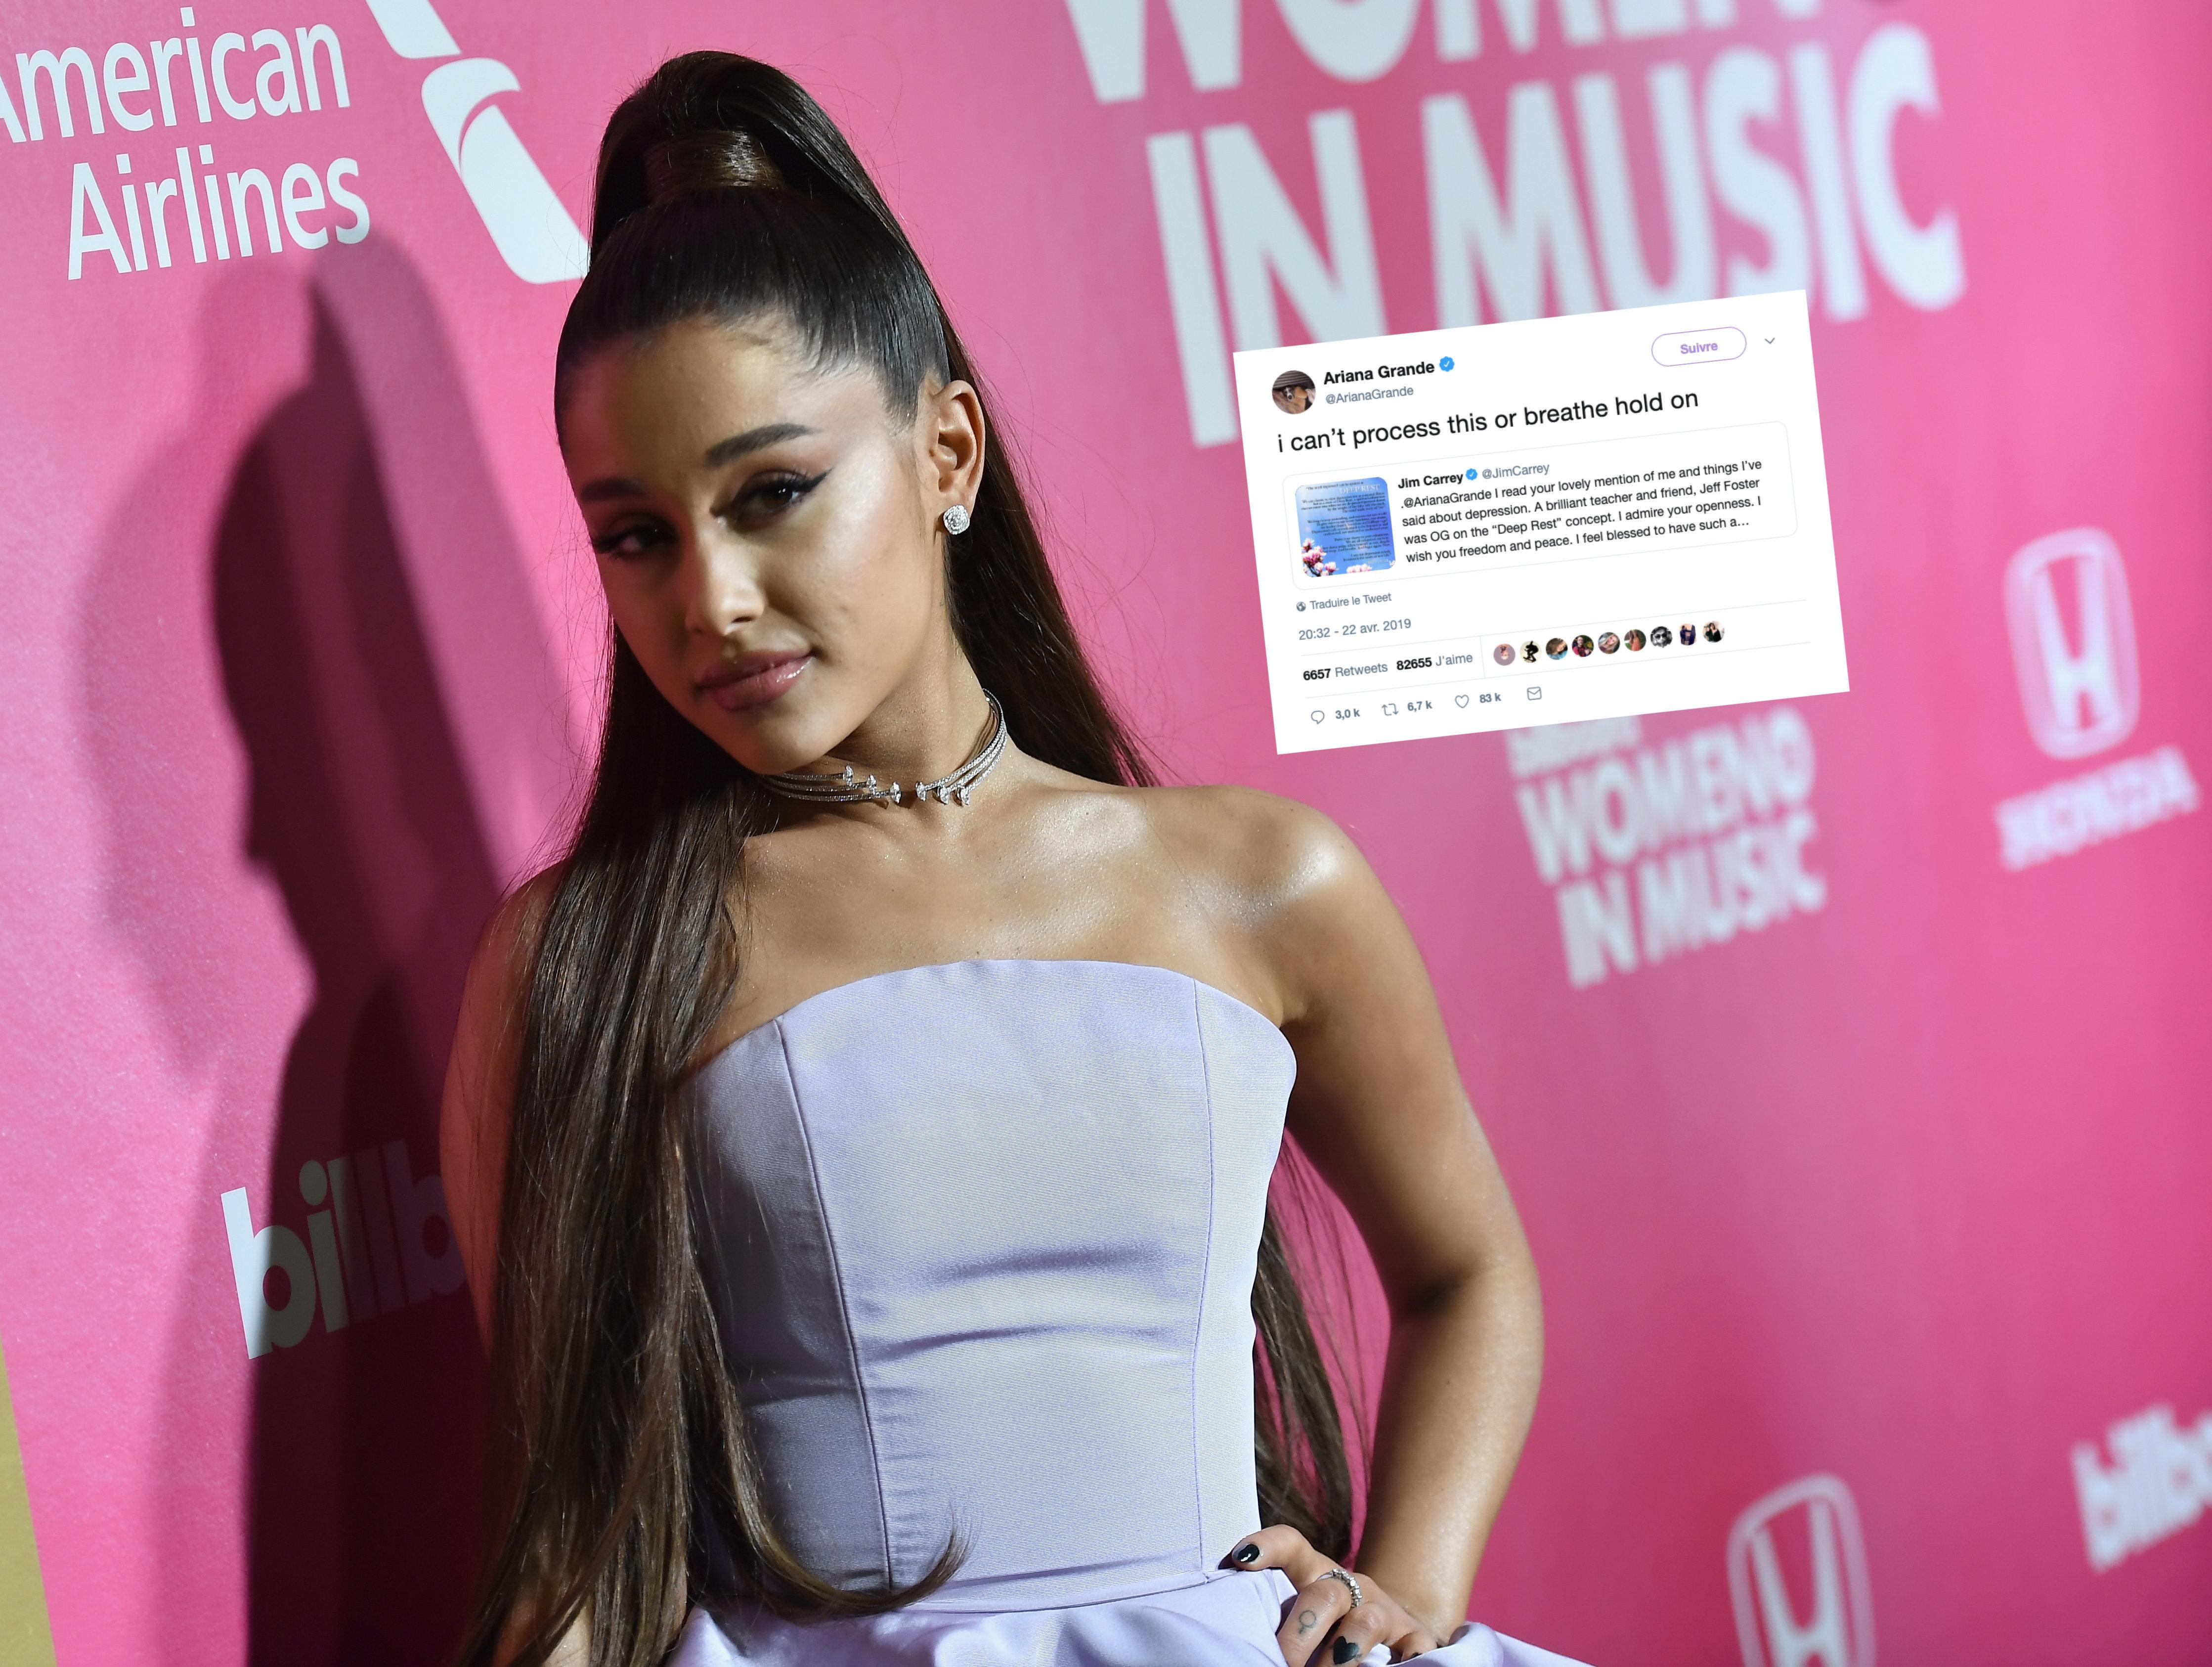 L'adorable échange entre Ariana Grande et Jim Carrey sur la dépression